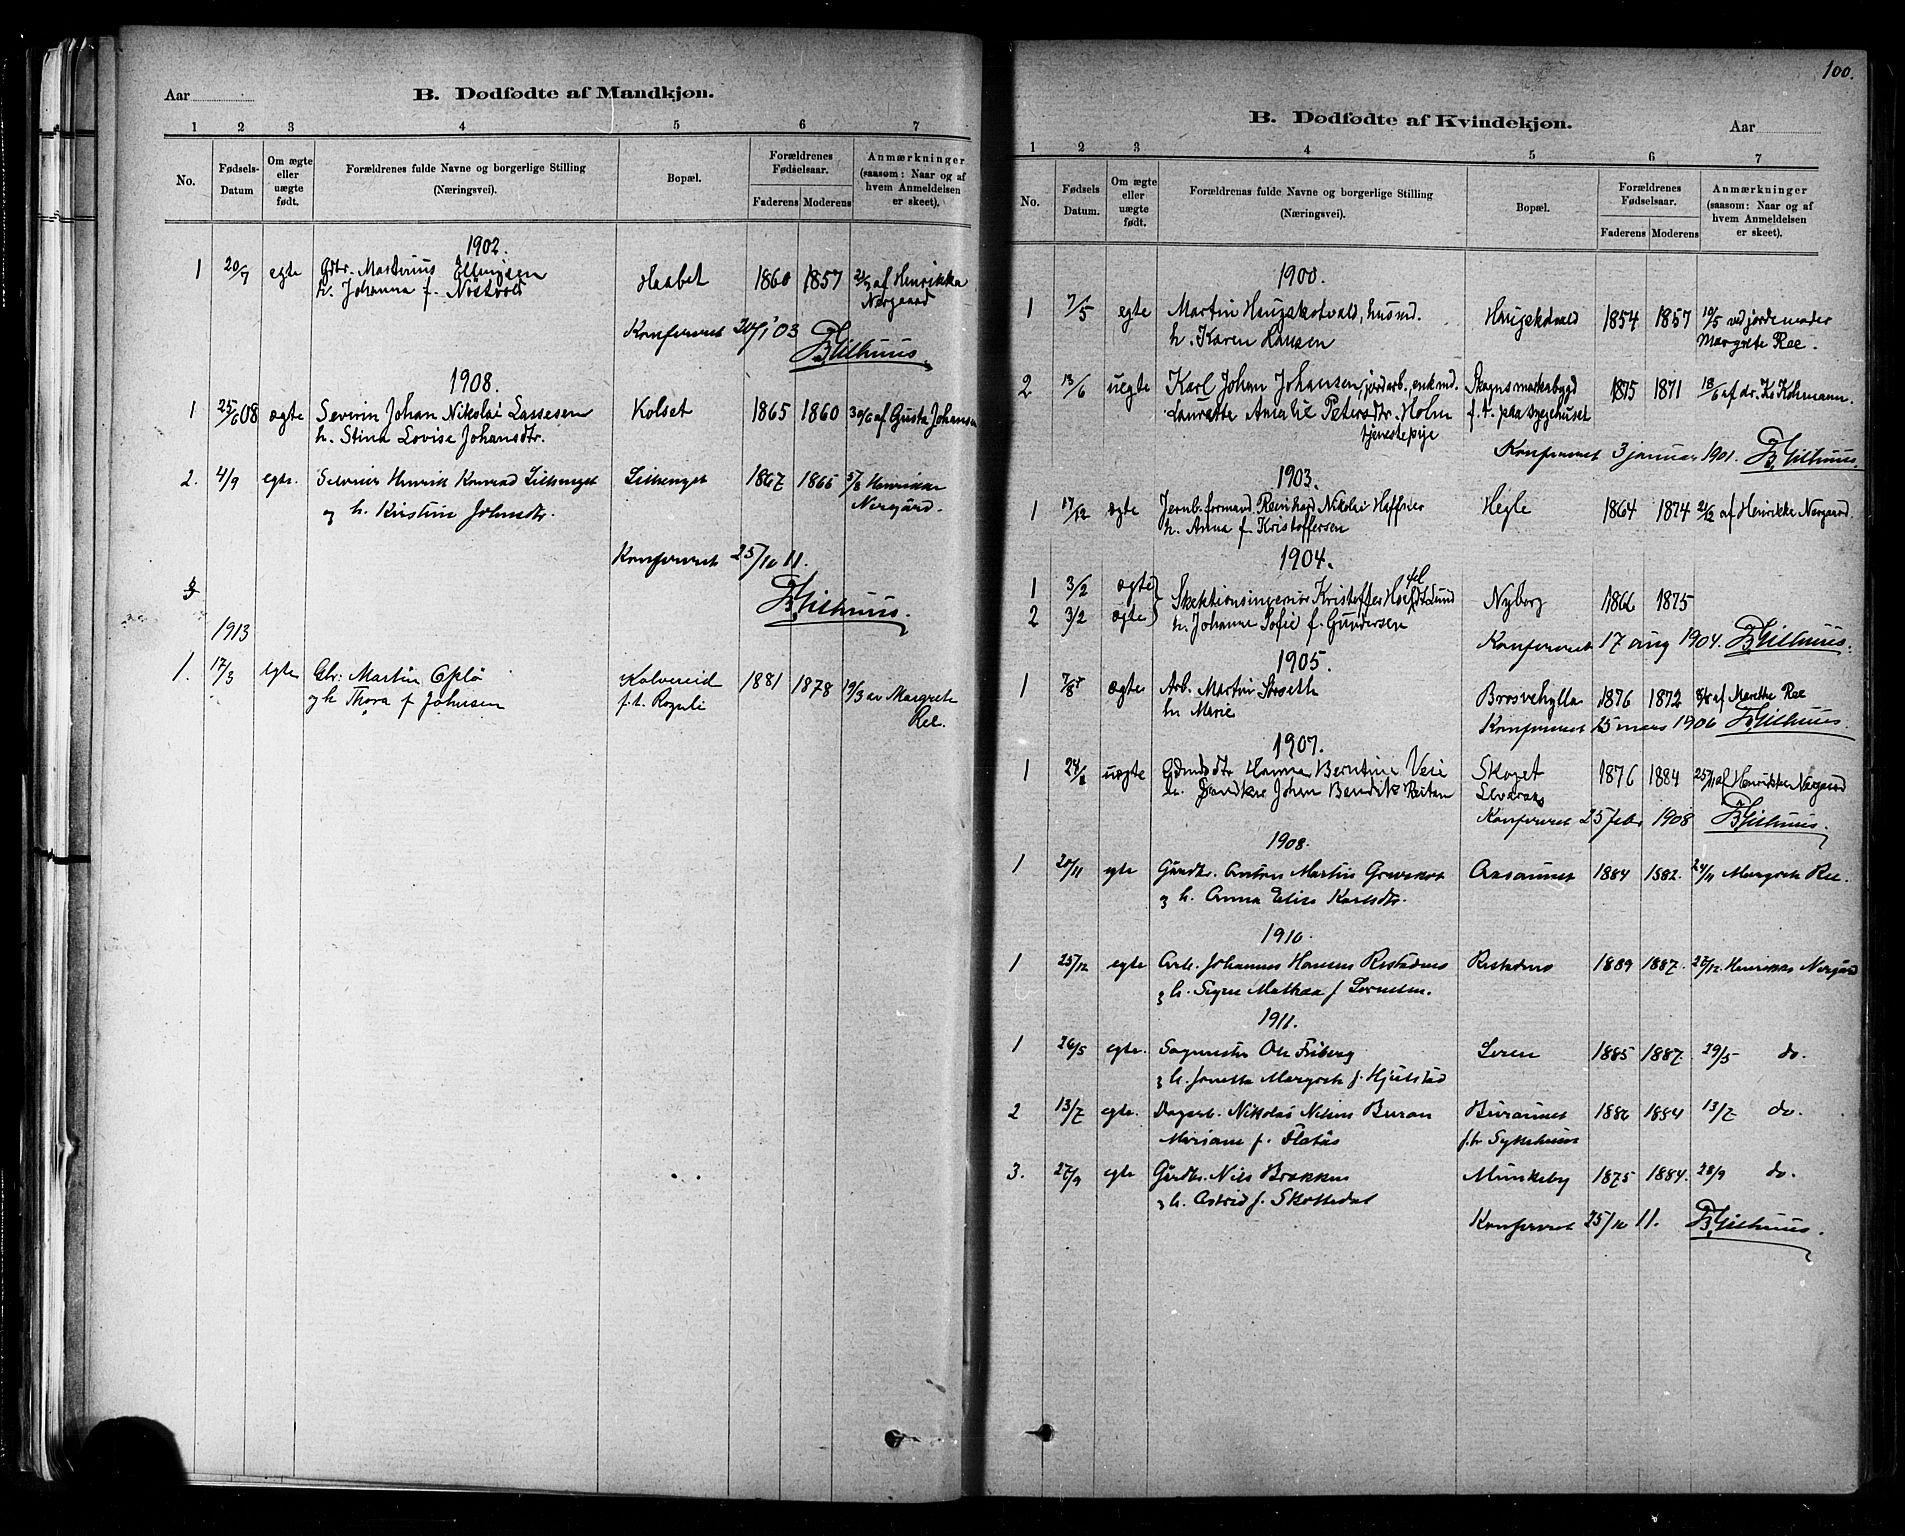 SAT, Ministerialprotokoller, klokkerbøker og fødselsregistre - Nord-Trøndelag, 721/L0208: Klokkerbok nr. 721C01, 1880-1917, s. 100